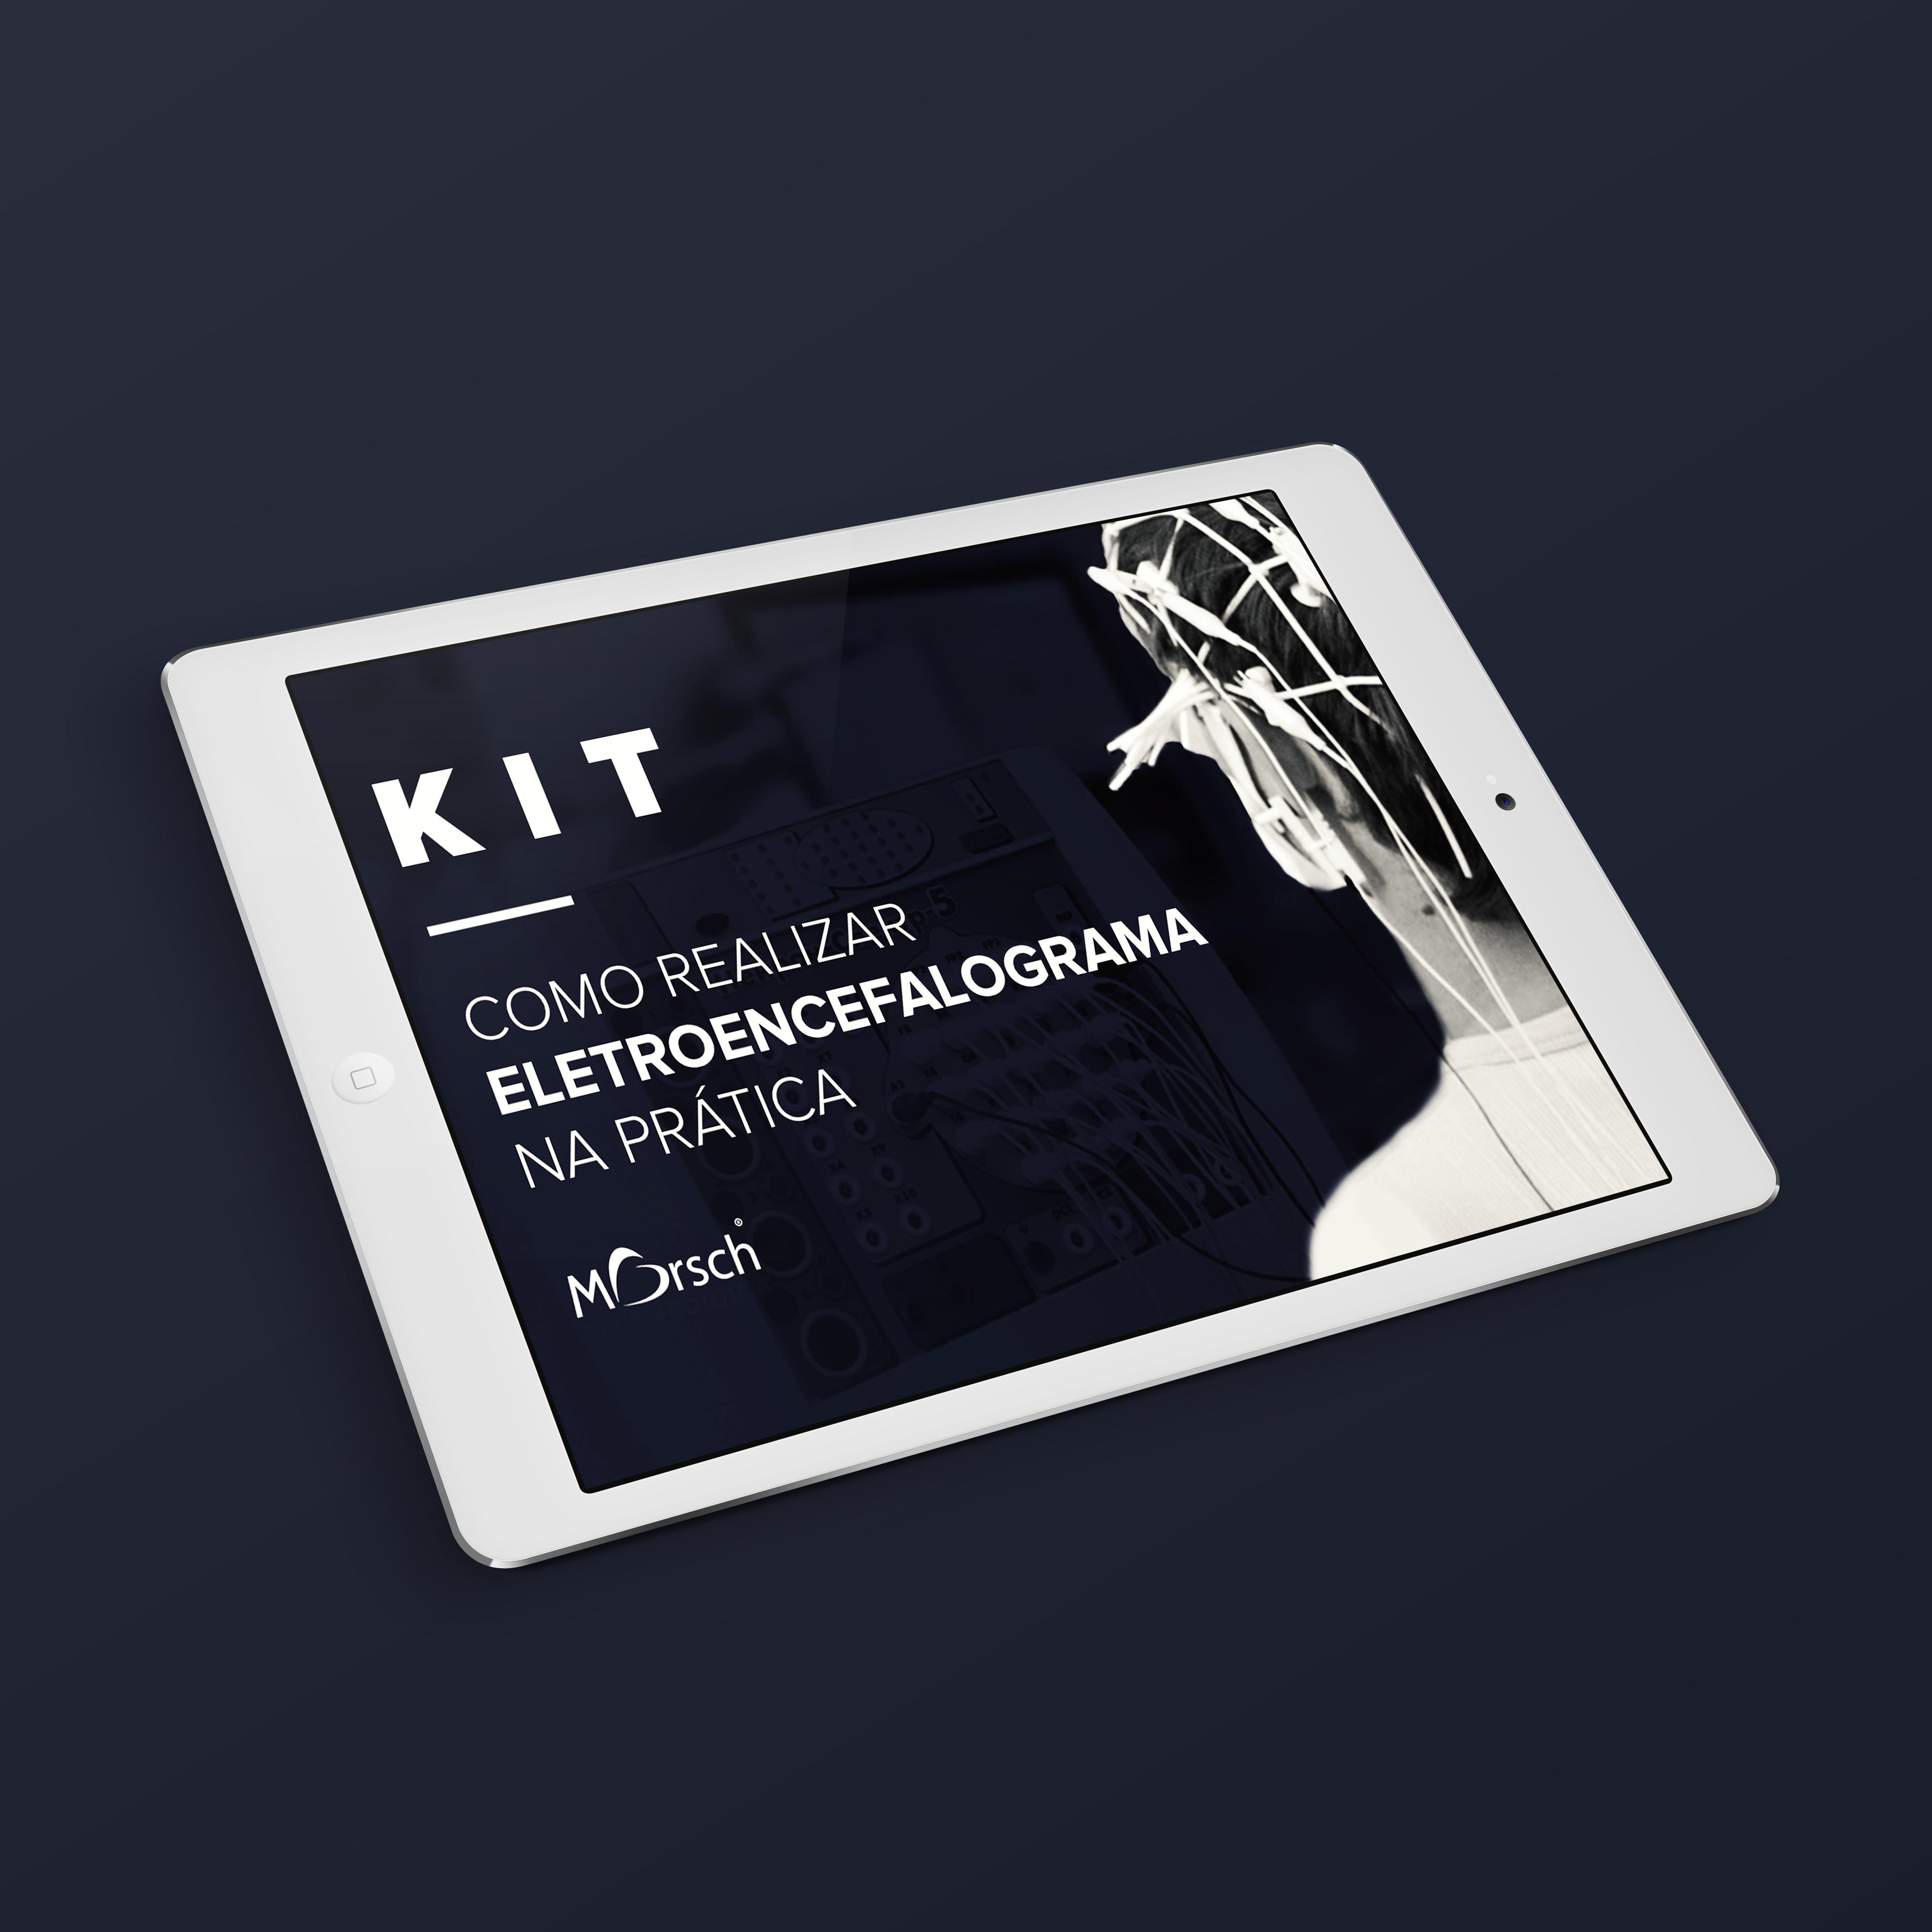 KIT como realizar eletrocardiograma na prática